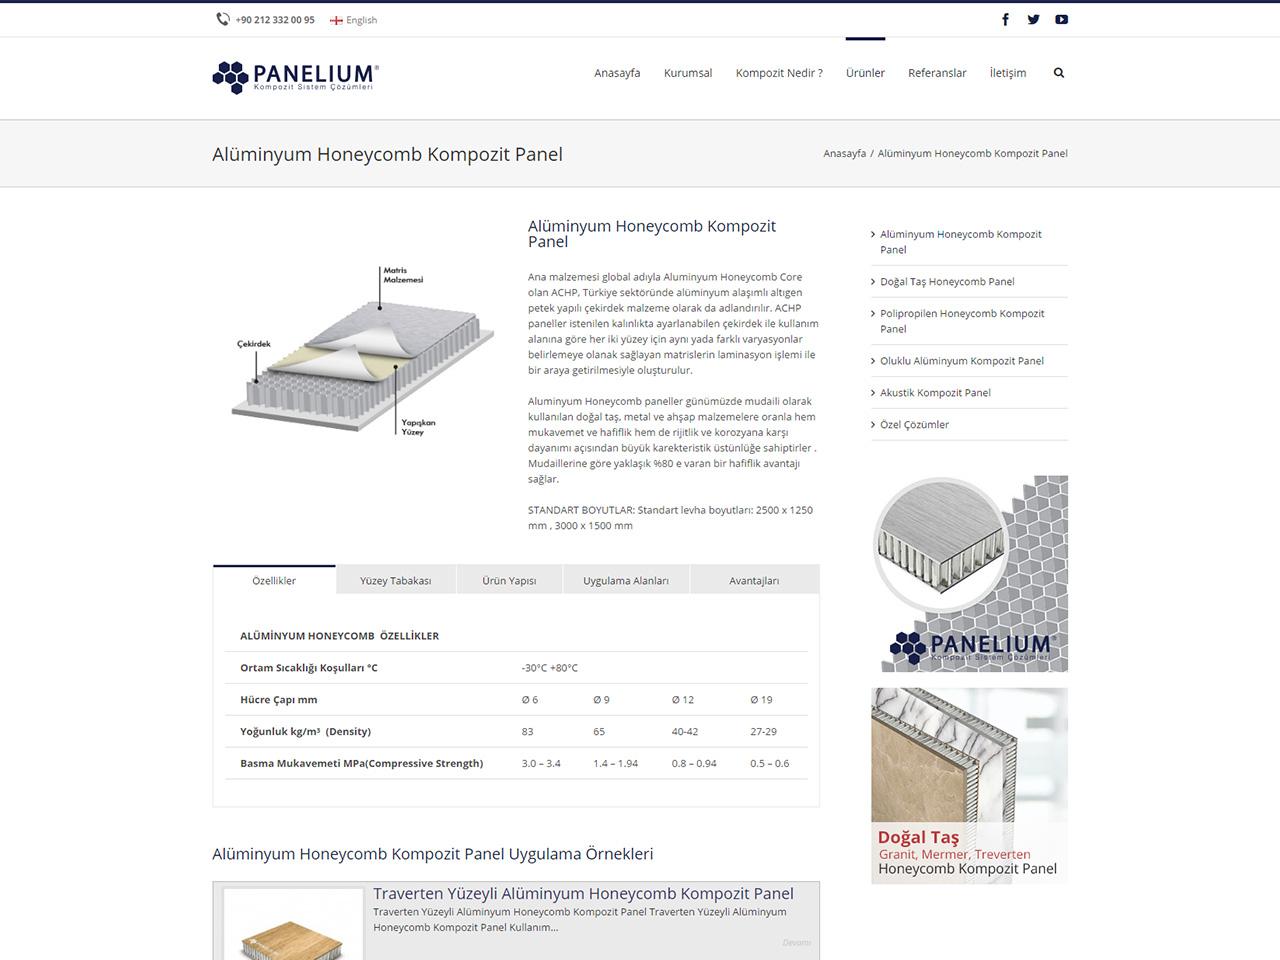 panelium-sayfa-web-tasarim-2